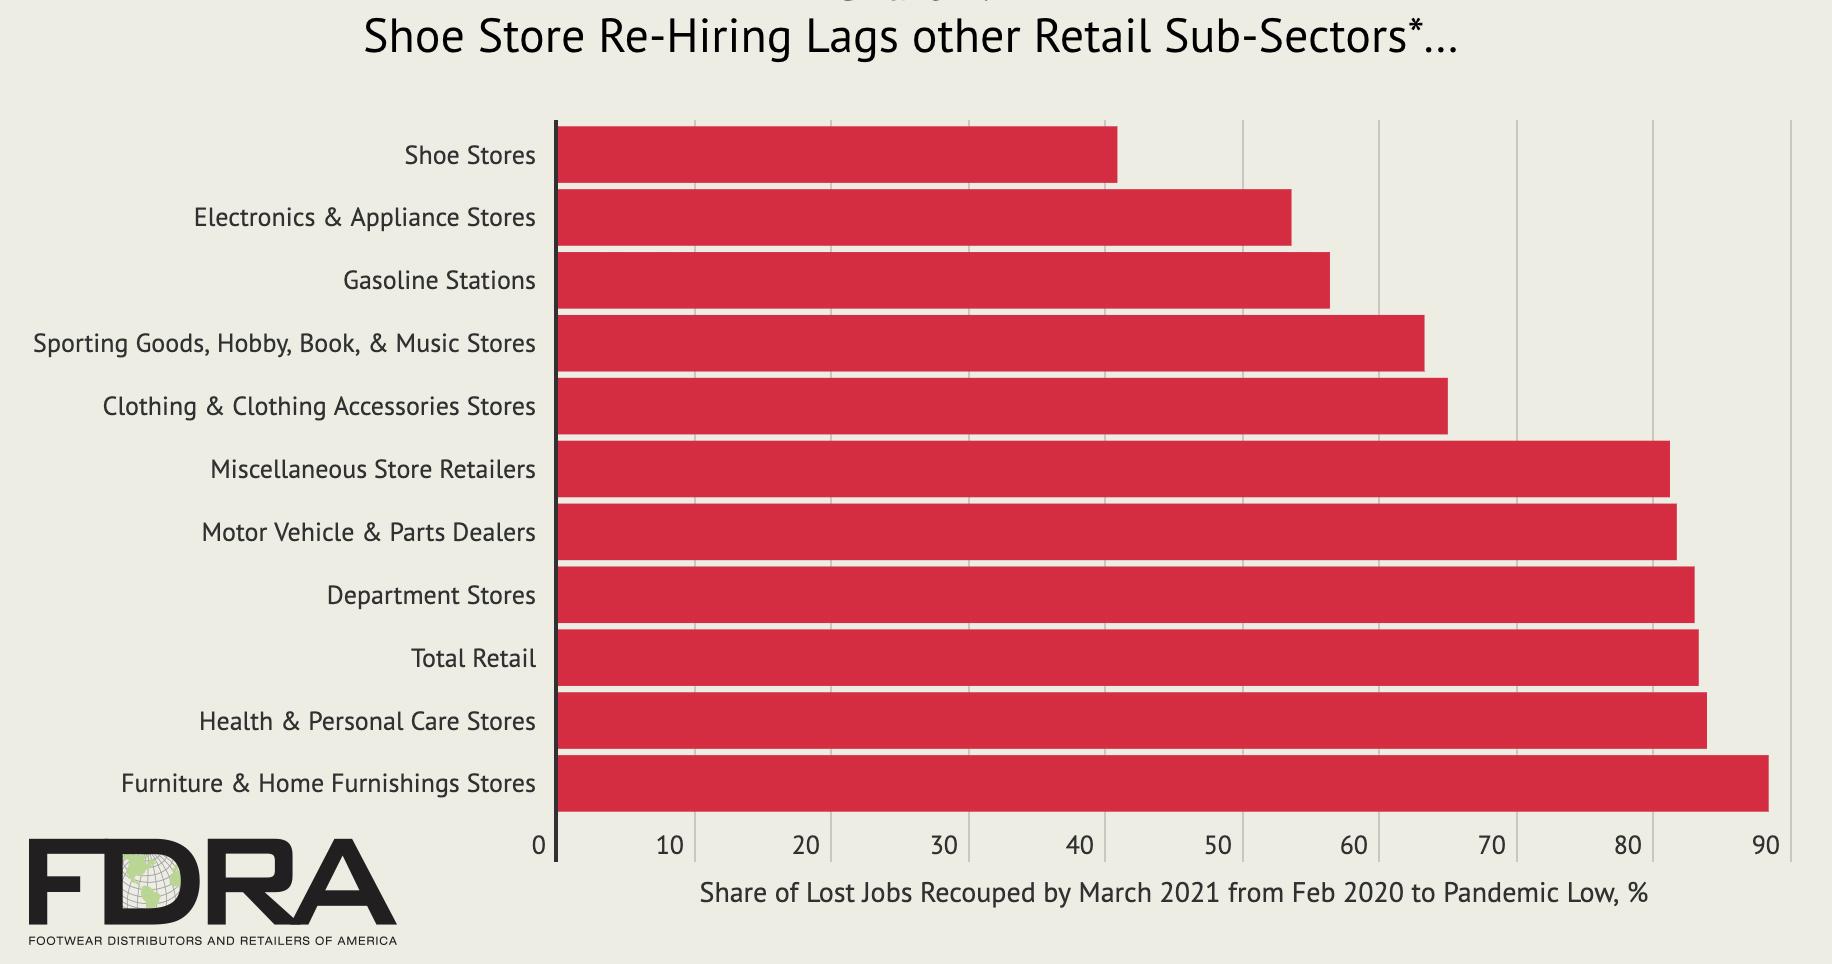 FDRA shoe store hiring jobs, March 2021